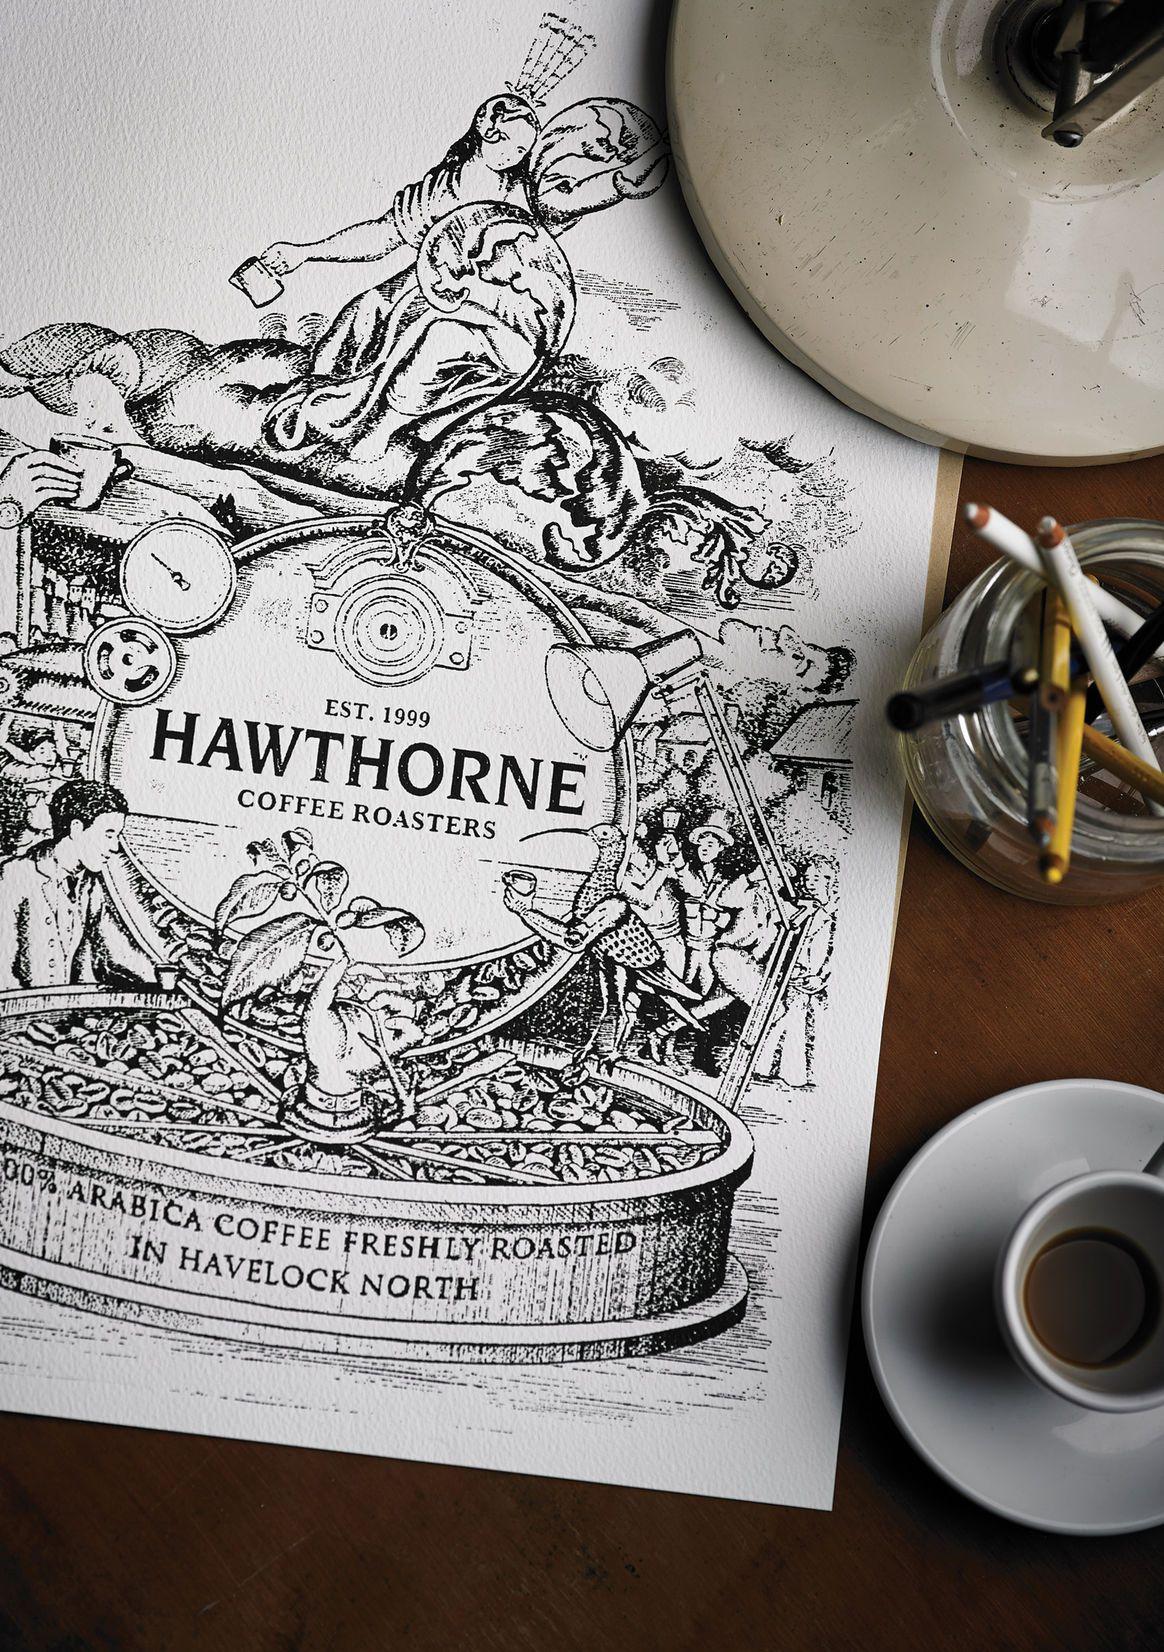 Hawthorne Coffee Packaging Best Awards Best coffee